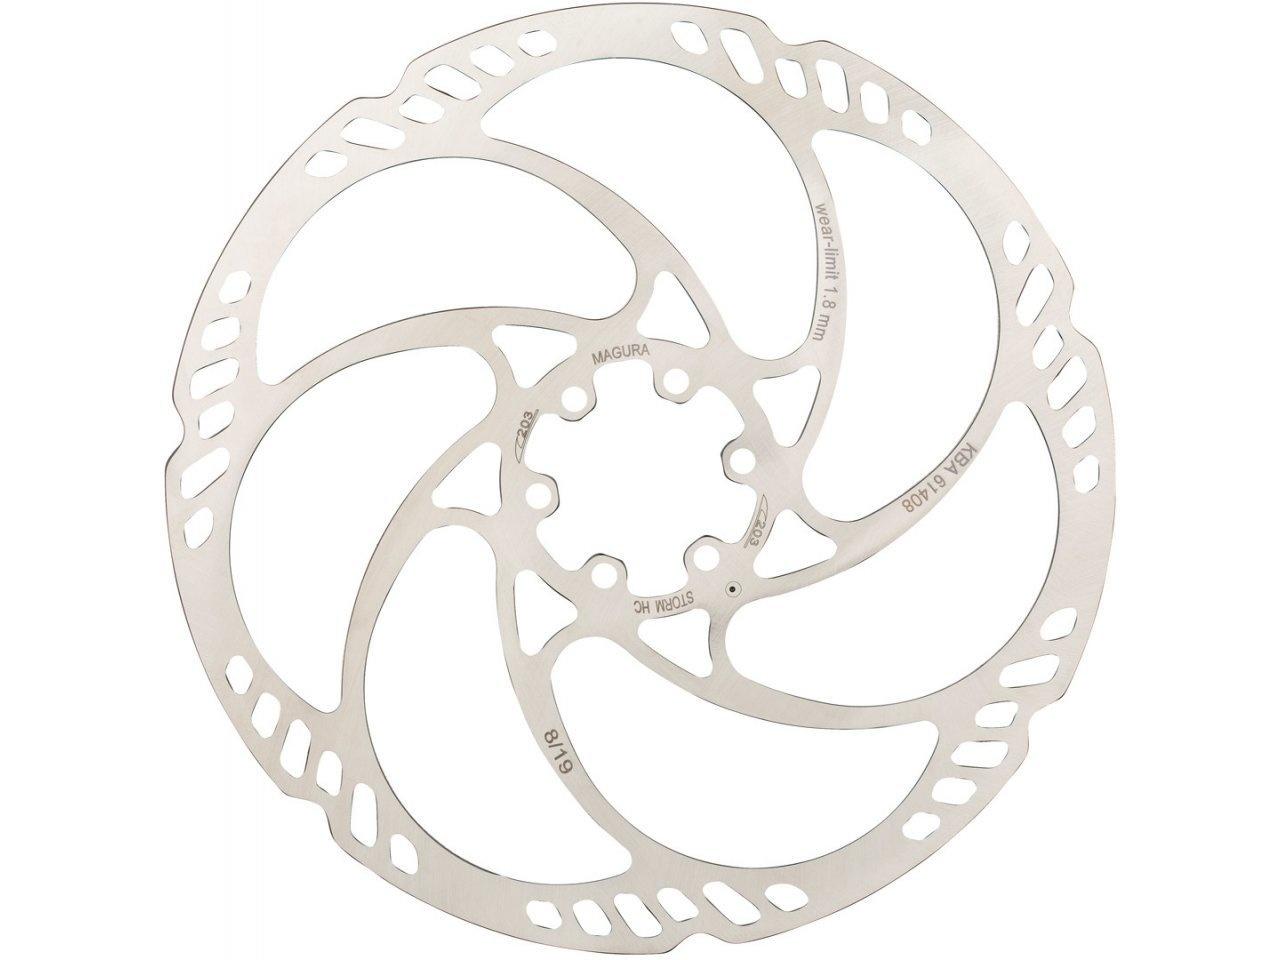 Magura, Storm HC, Disc Rotor, 6-bolt ISO-1